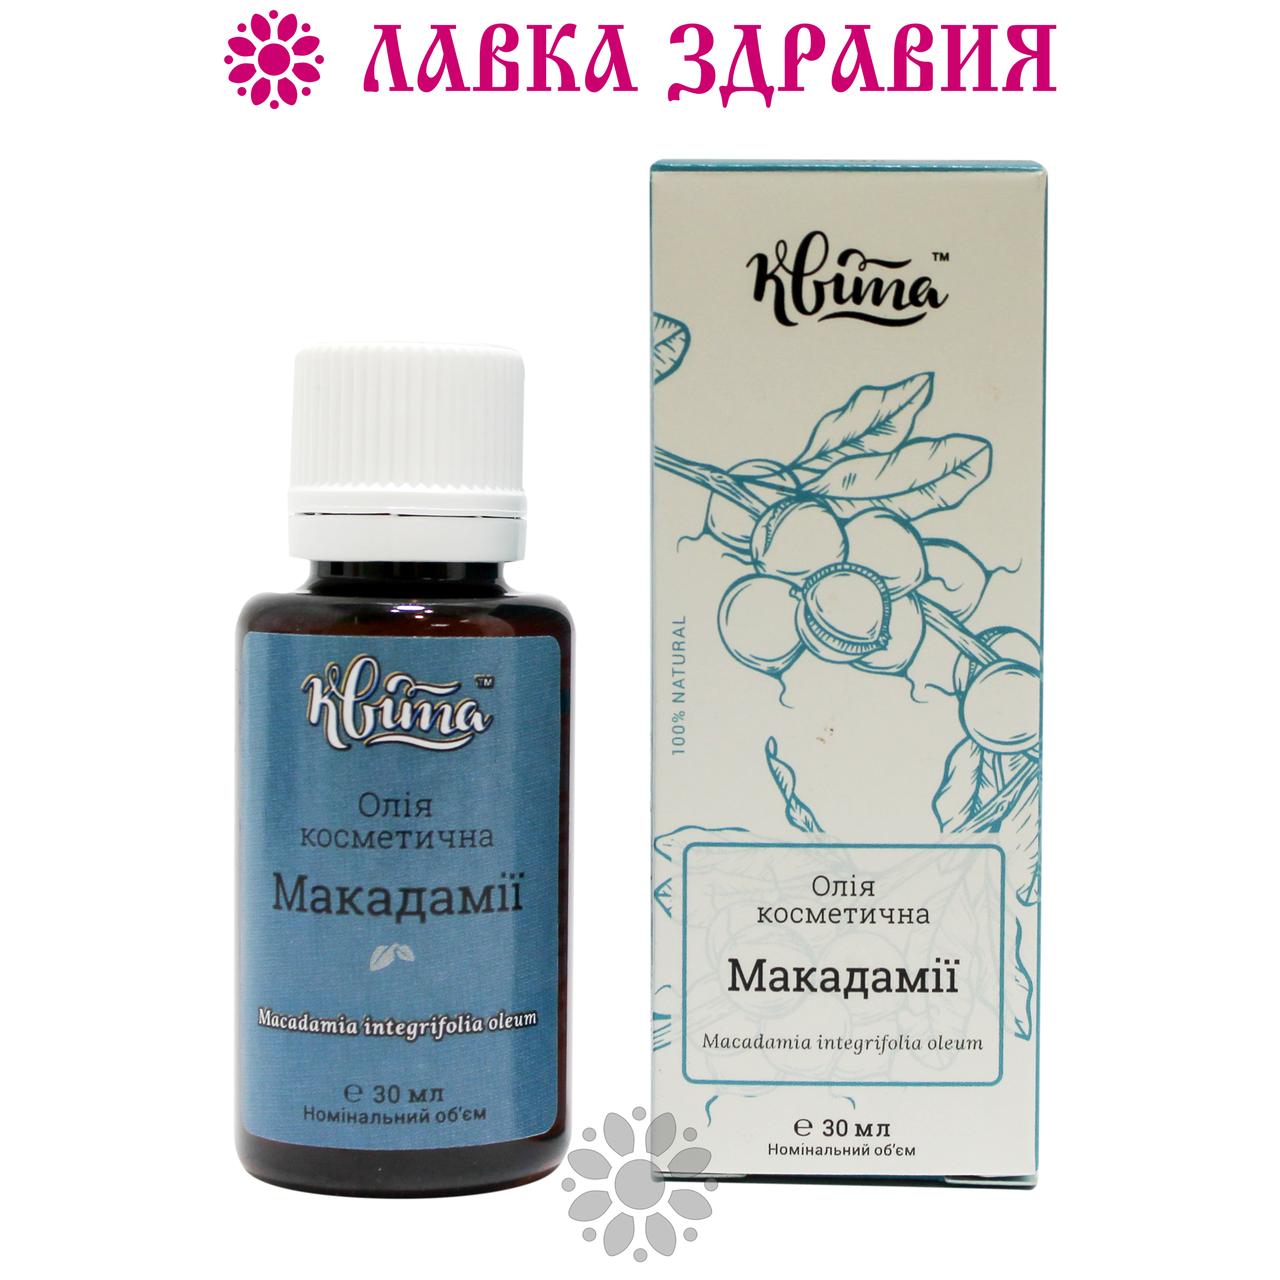 Масло косметическое Макадамии, 30 мл, Квита